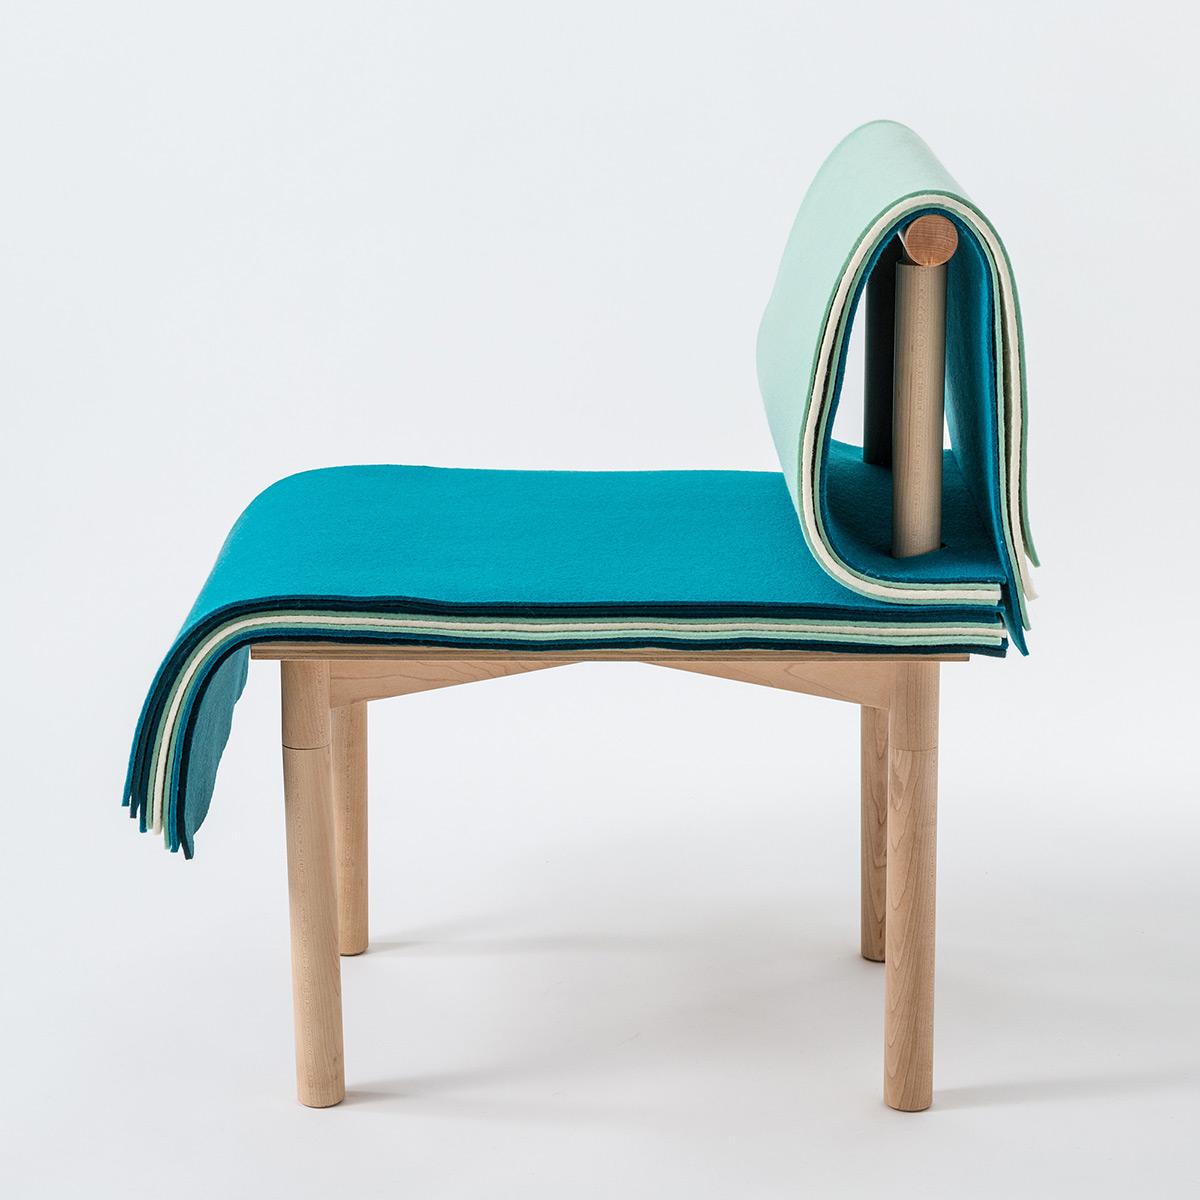 Pages-chair-Noriko-Hashida-01